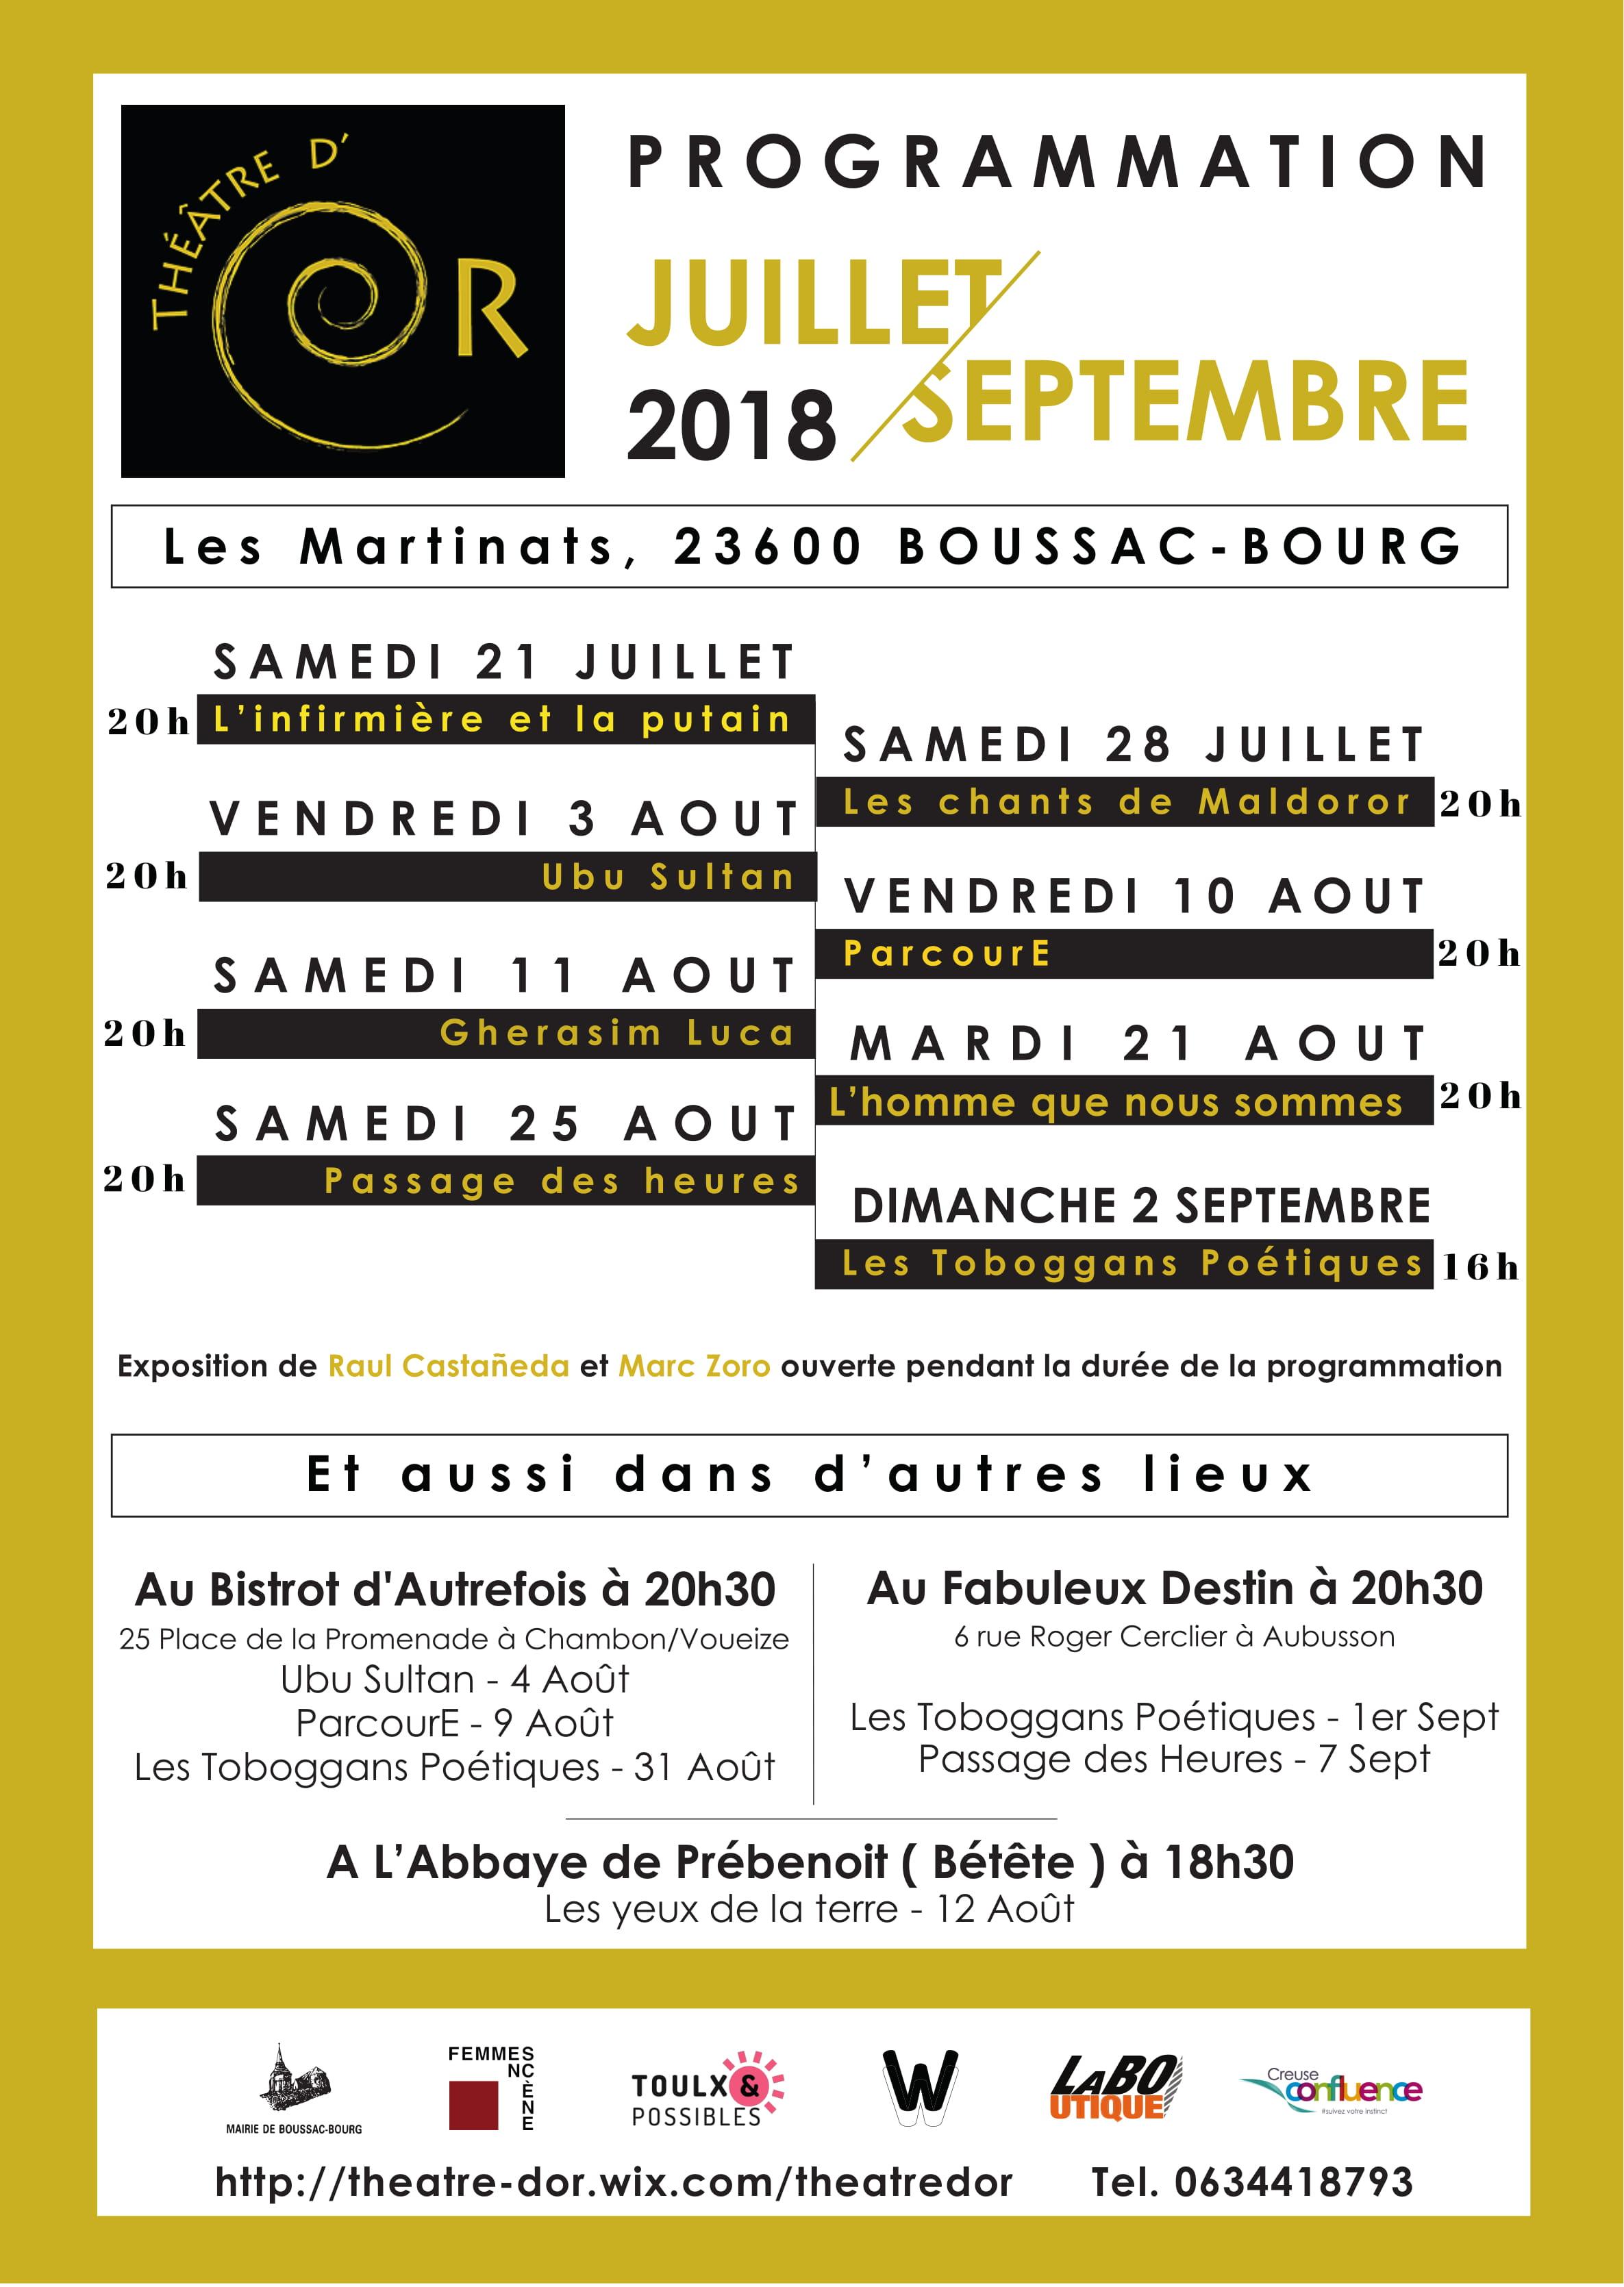 affiche programmation juillet septembre 2018 Théâtre d'or